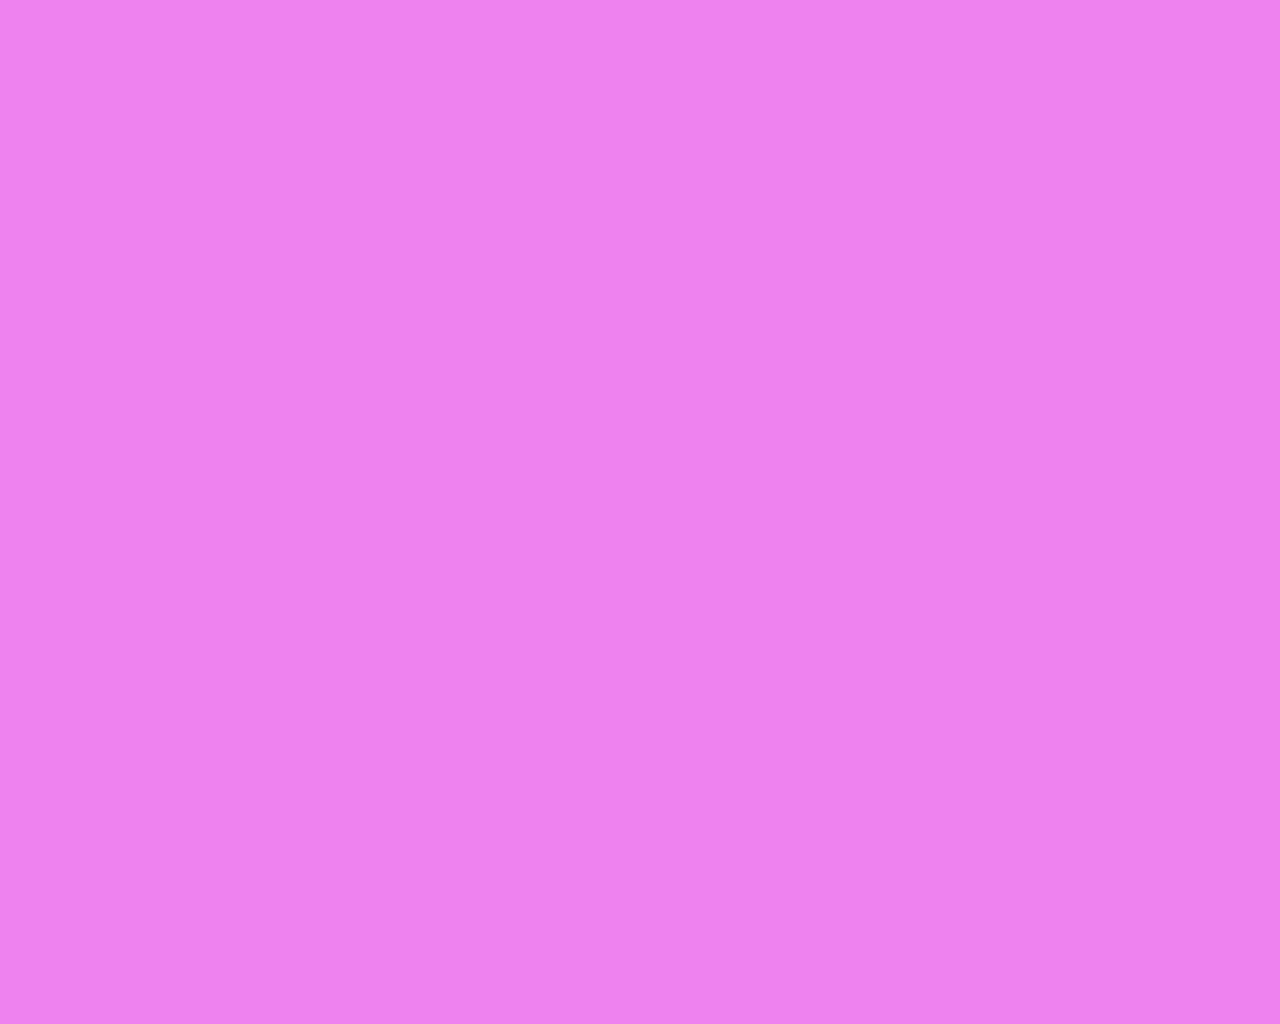 1280x1024 Lavender Magenta Solid Color Background